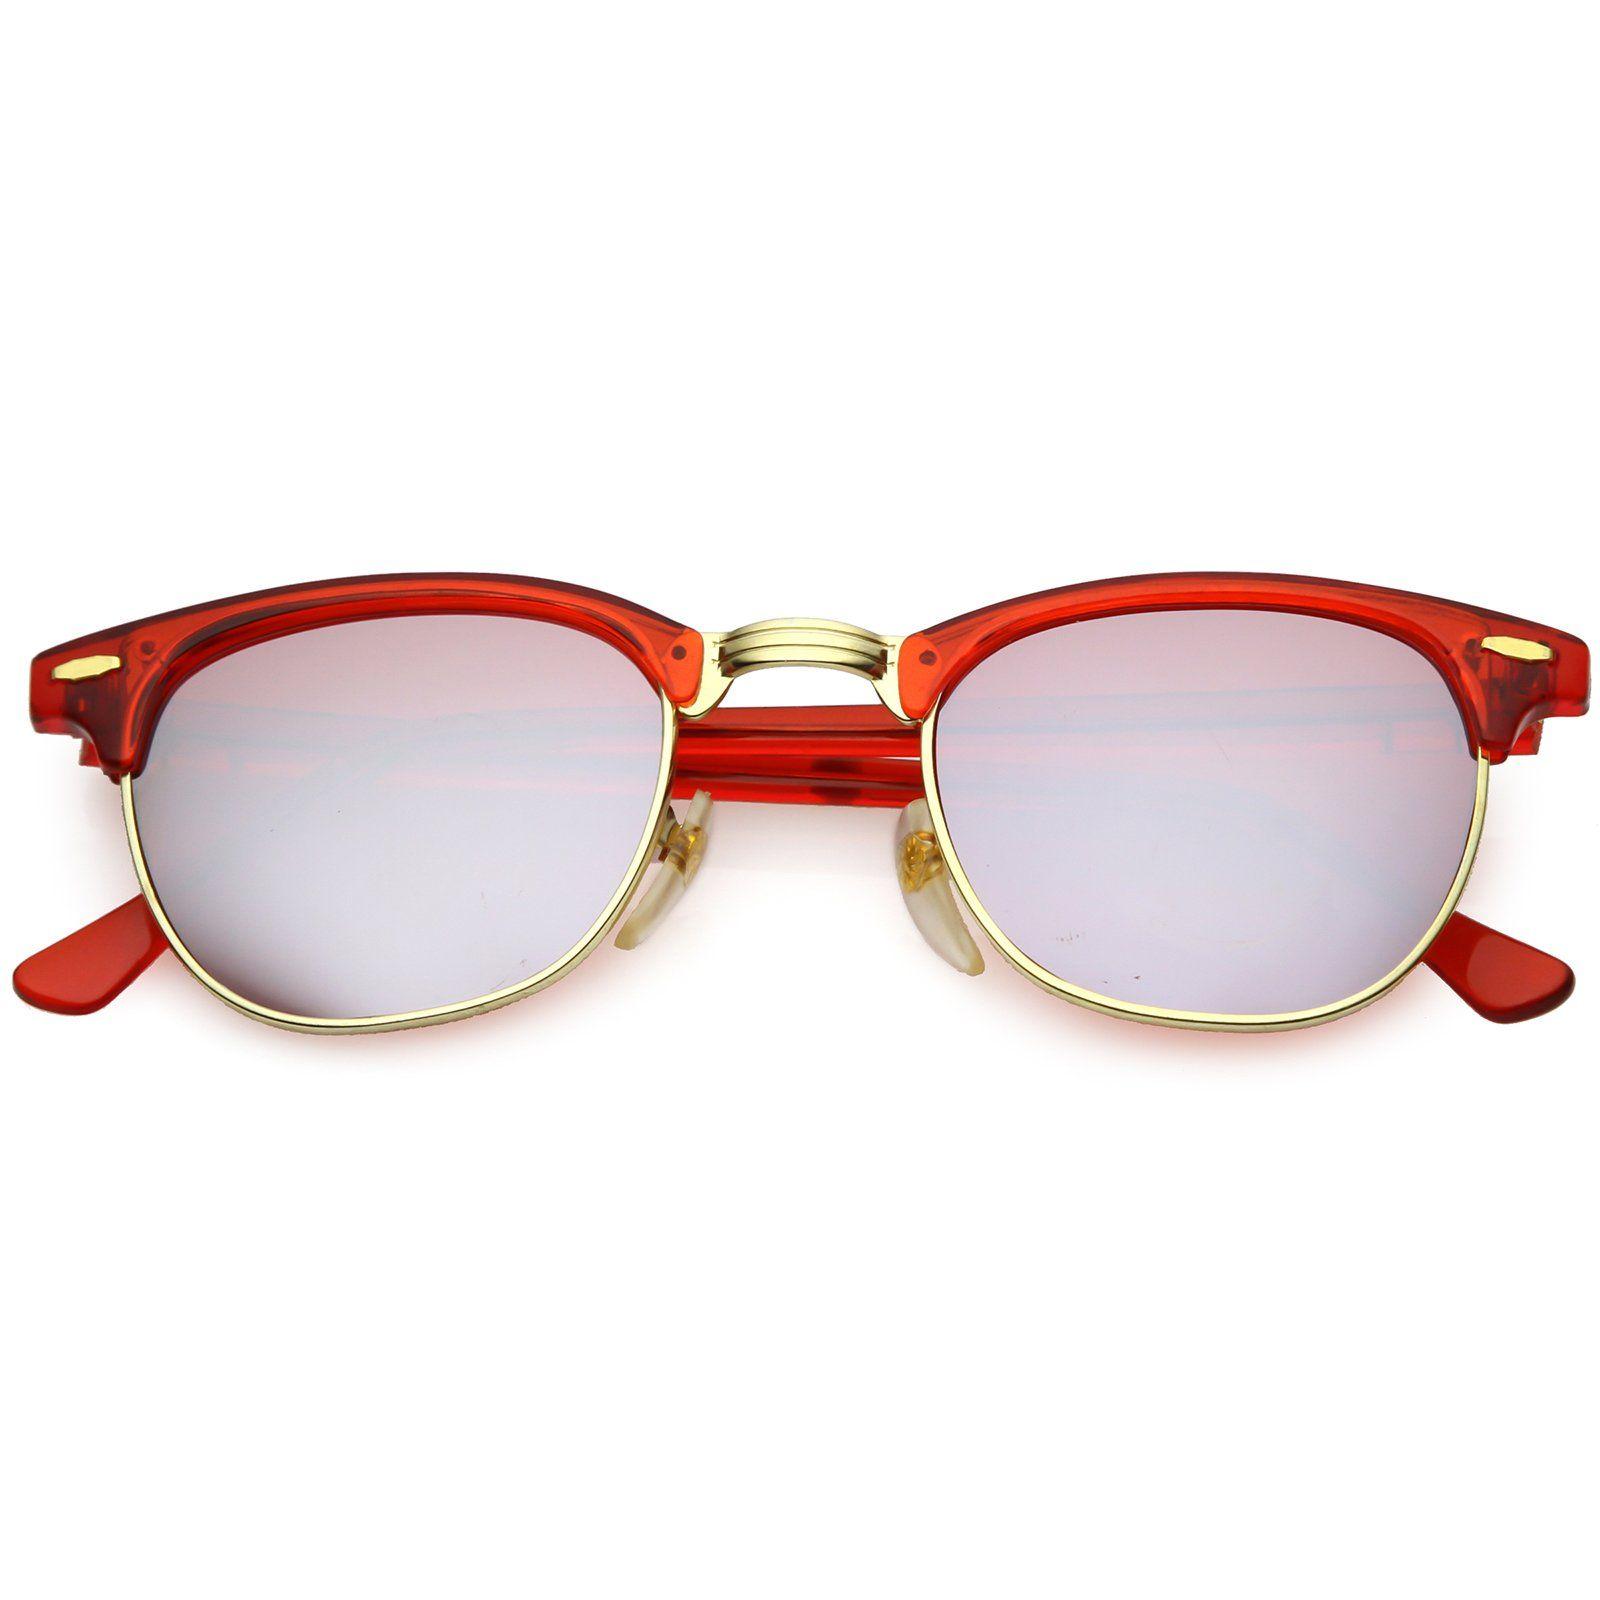 03e75822c3e True Vintage Oval Sunglasses Colored Mirror Lens 51mm in 2019 ...